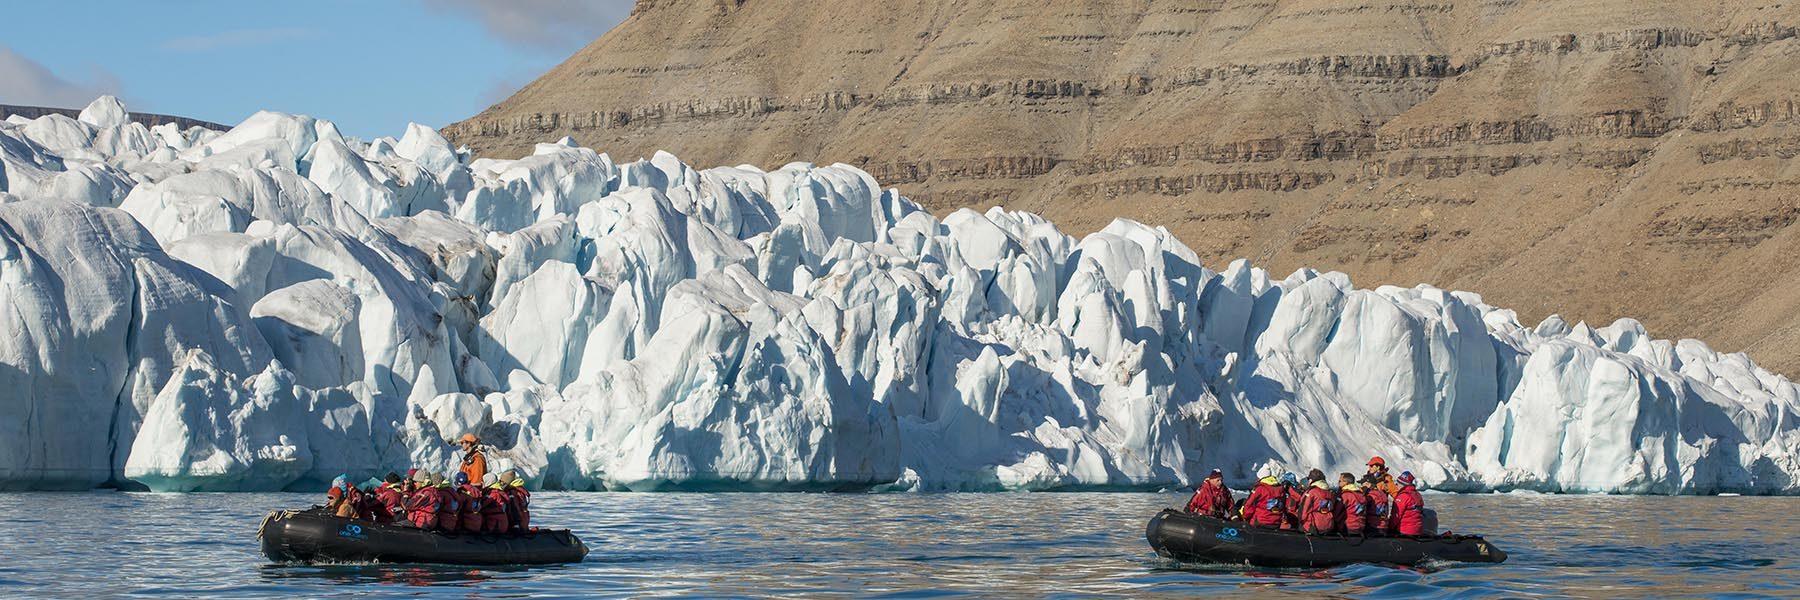 Schlauchboot mit Passagieren von One Ocean Expeditions vor Croker Gletscher, Croker Bay, Devon Island, Nunavut, Arktis, Kanada